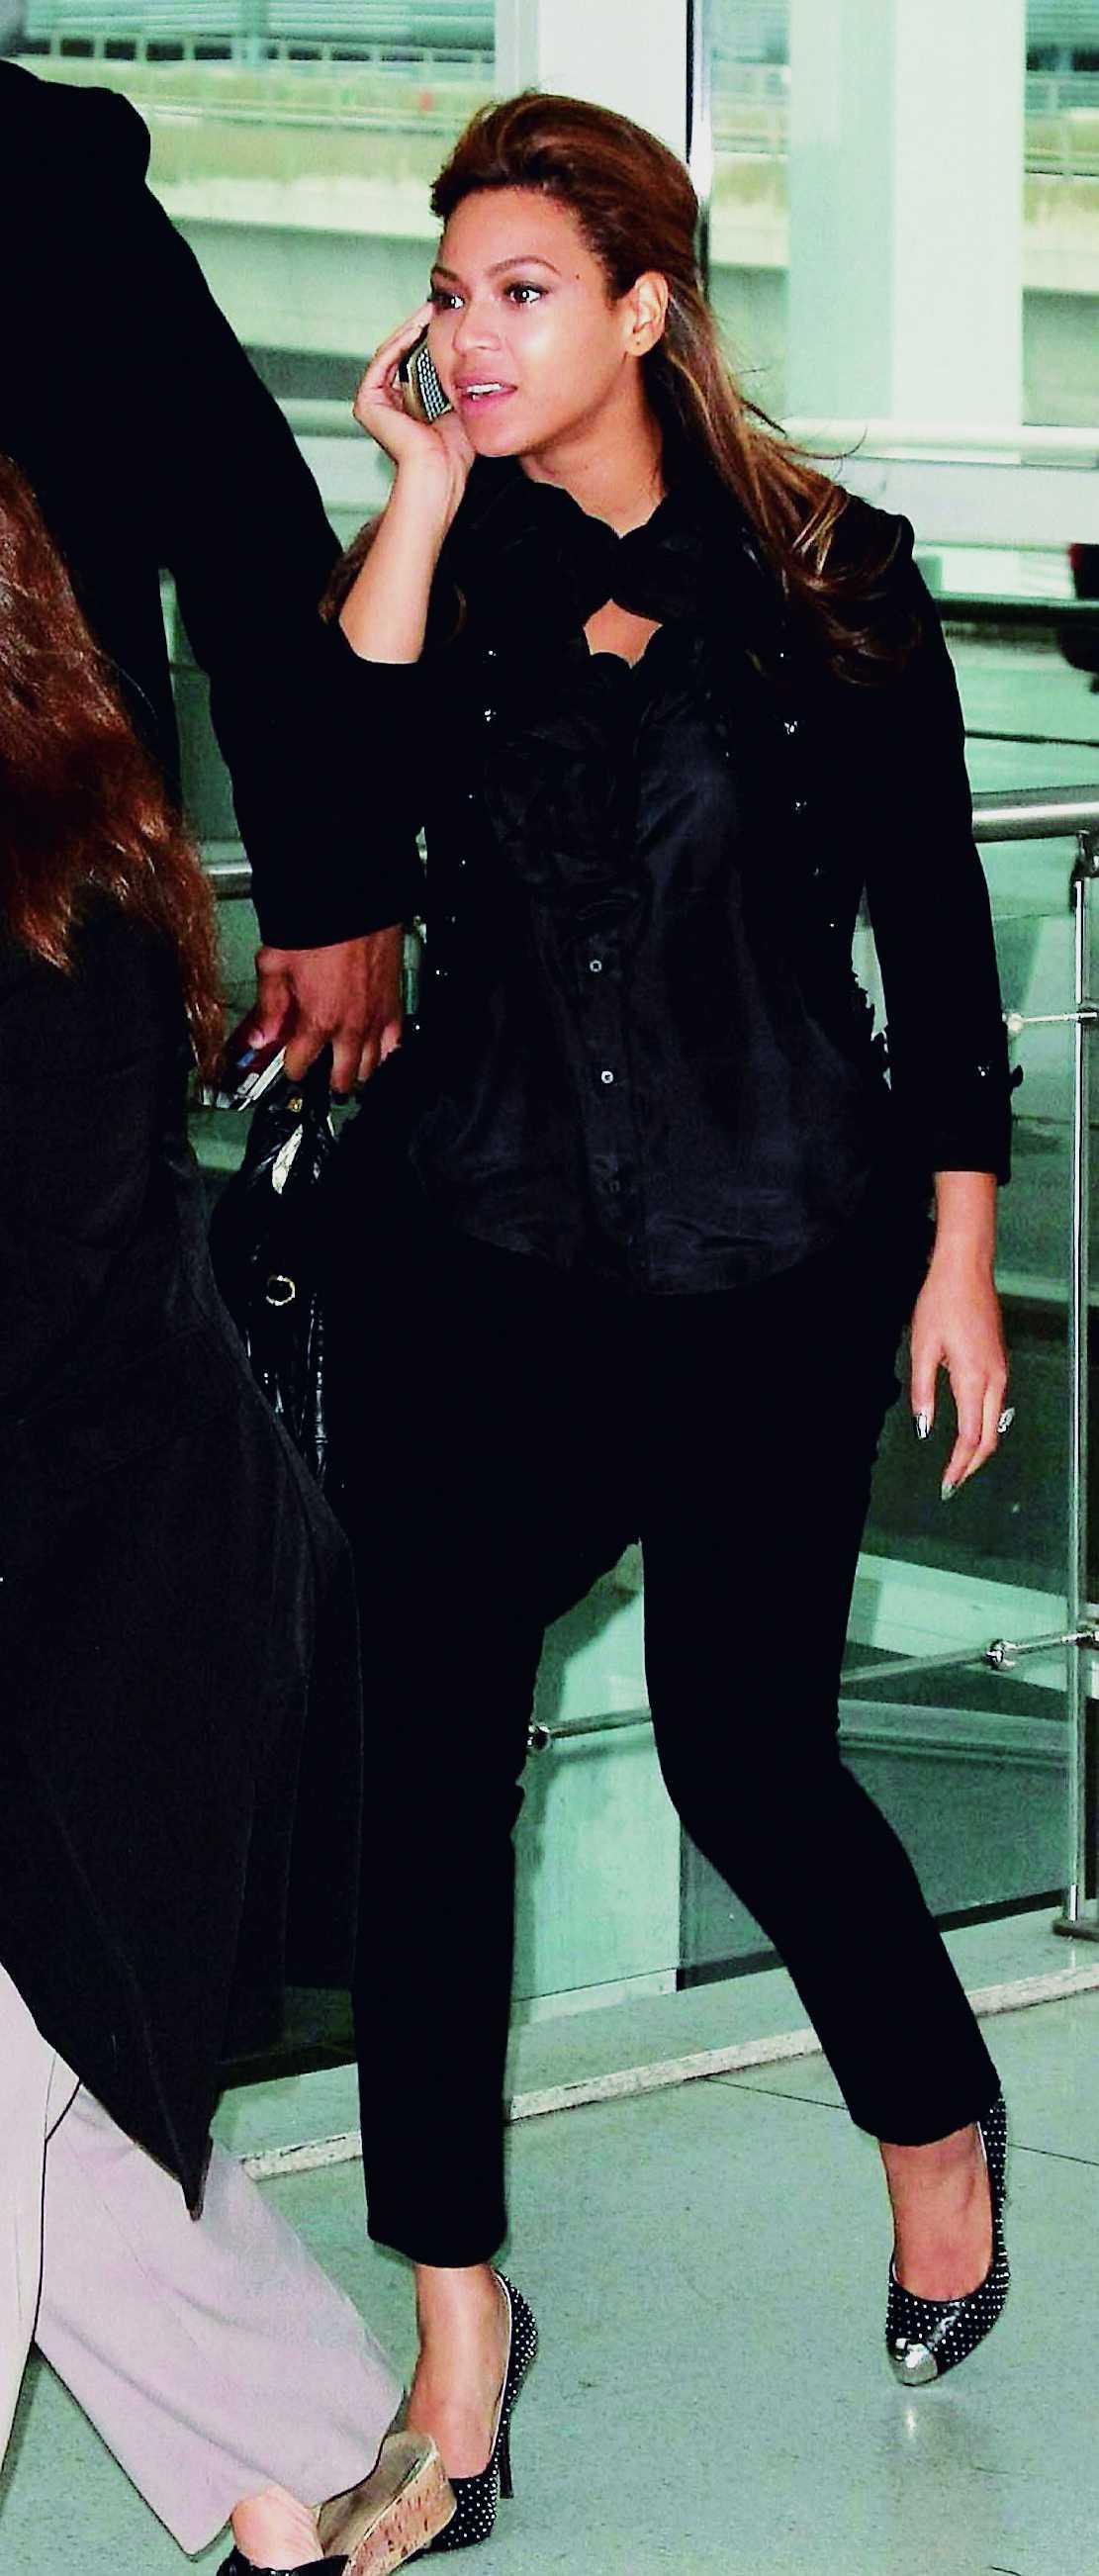 Ledigt klädd för resan? I högklackat, sidenblus och minimalt med smink tar sig Beyoncé till gaten på JFK-flygplatsen i New York.